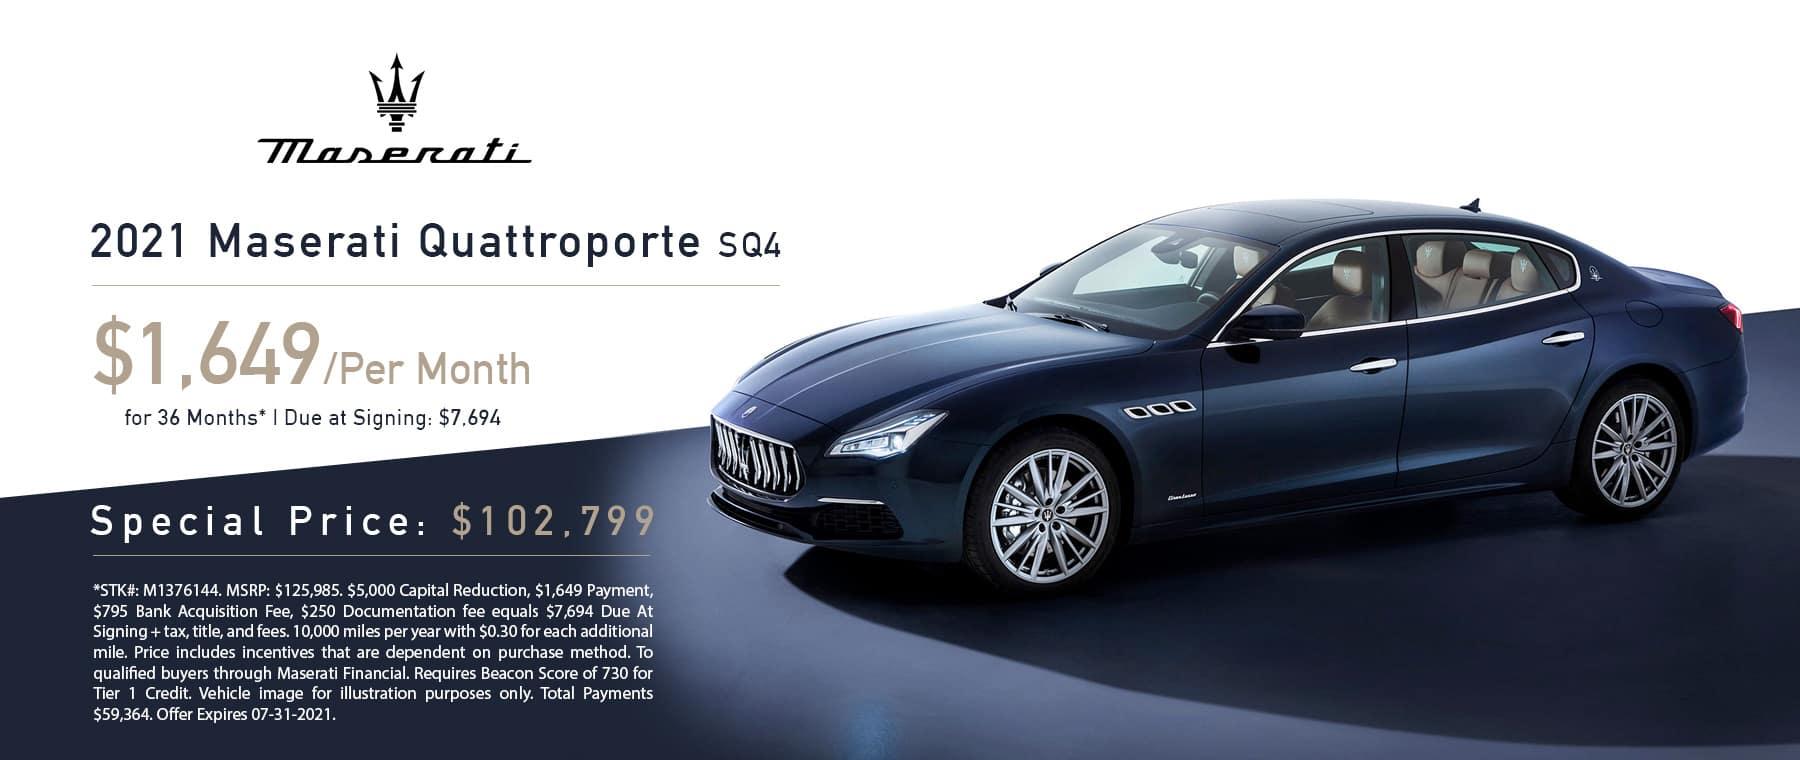 Maserati Quattroporte Lease